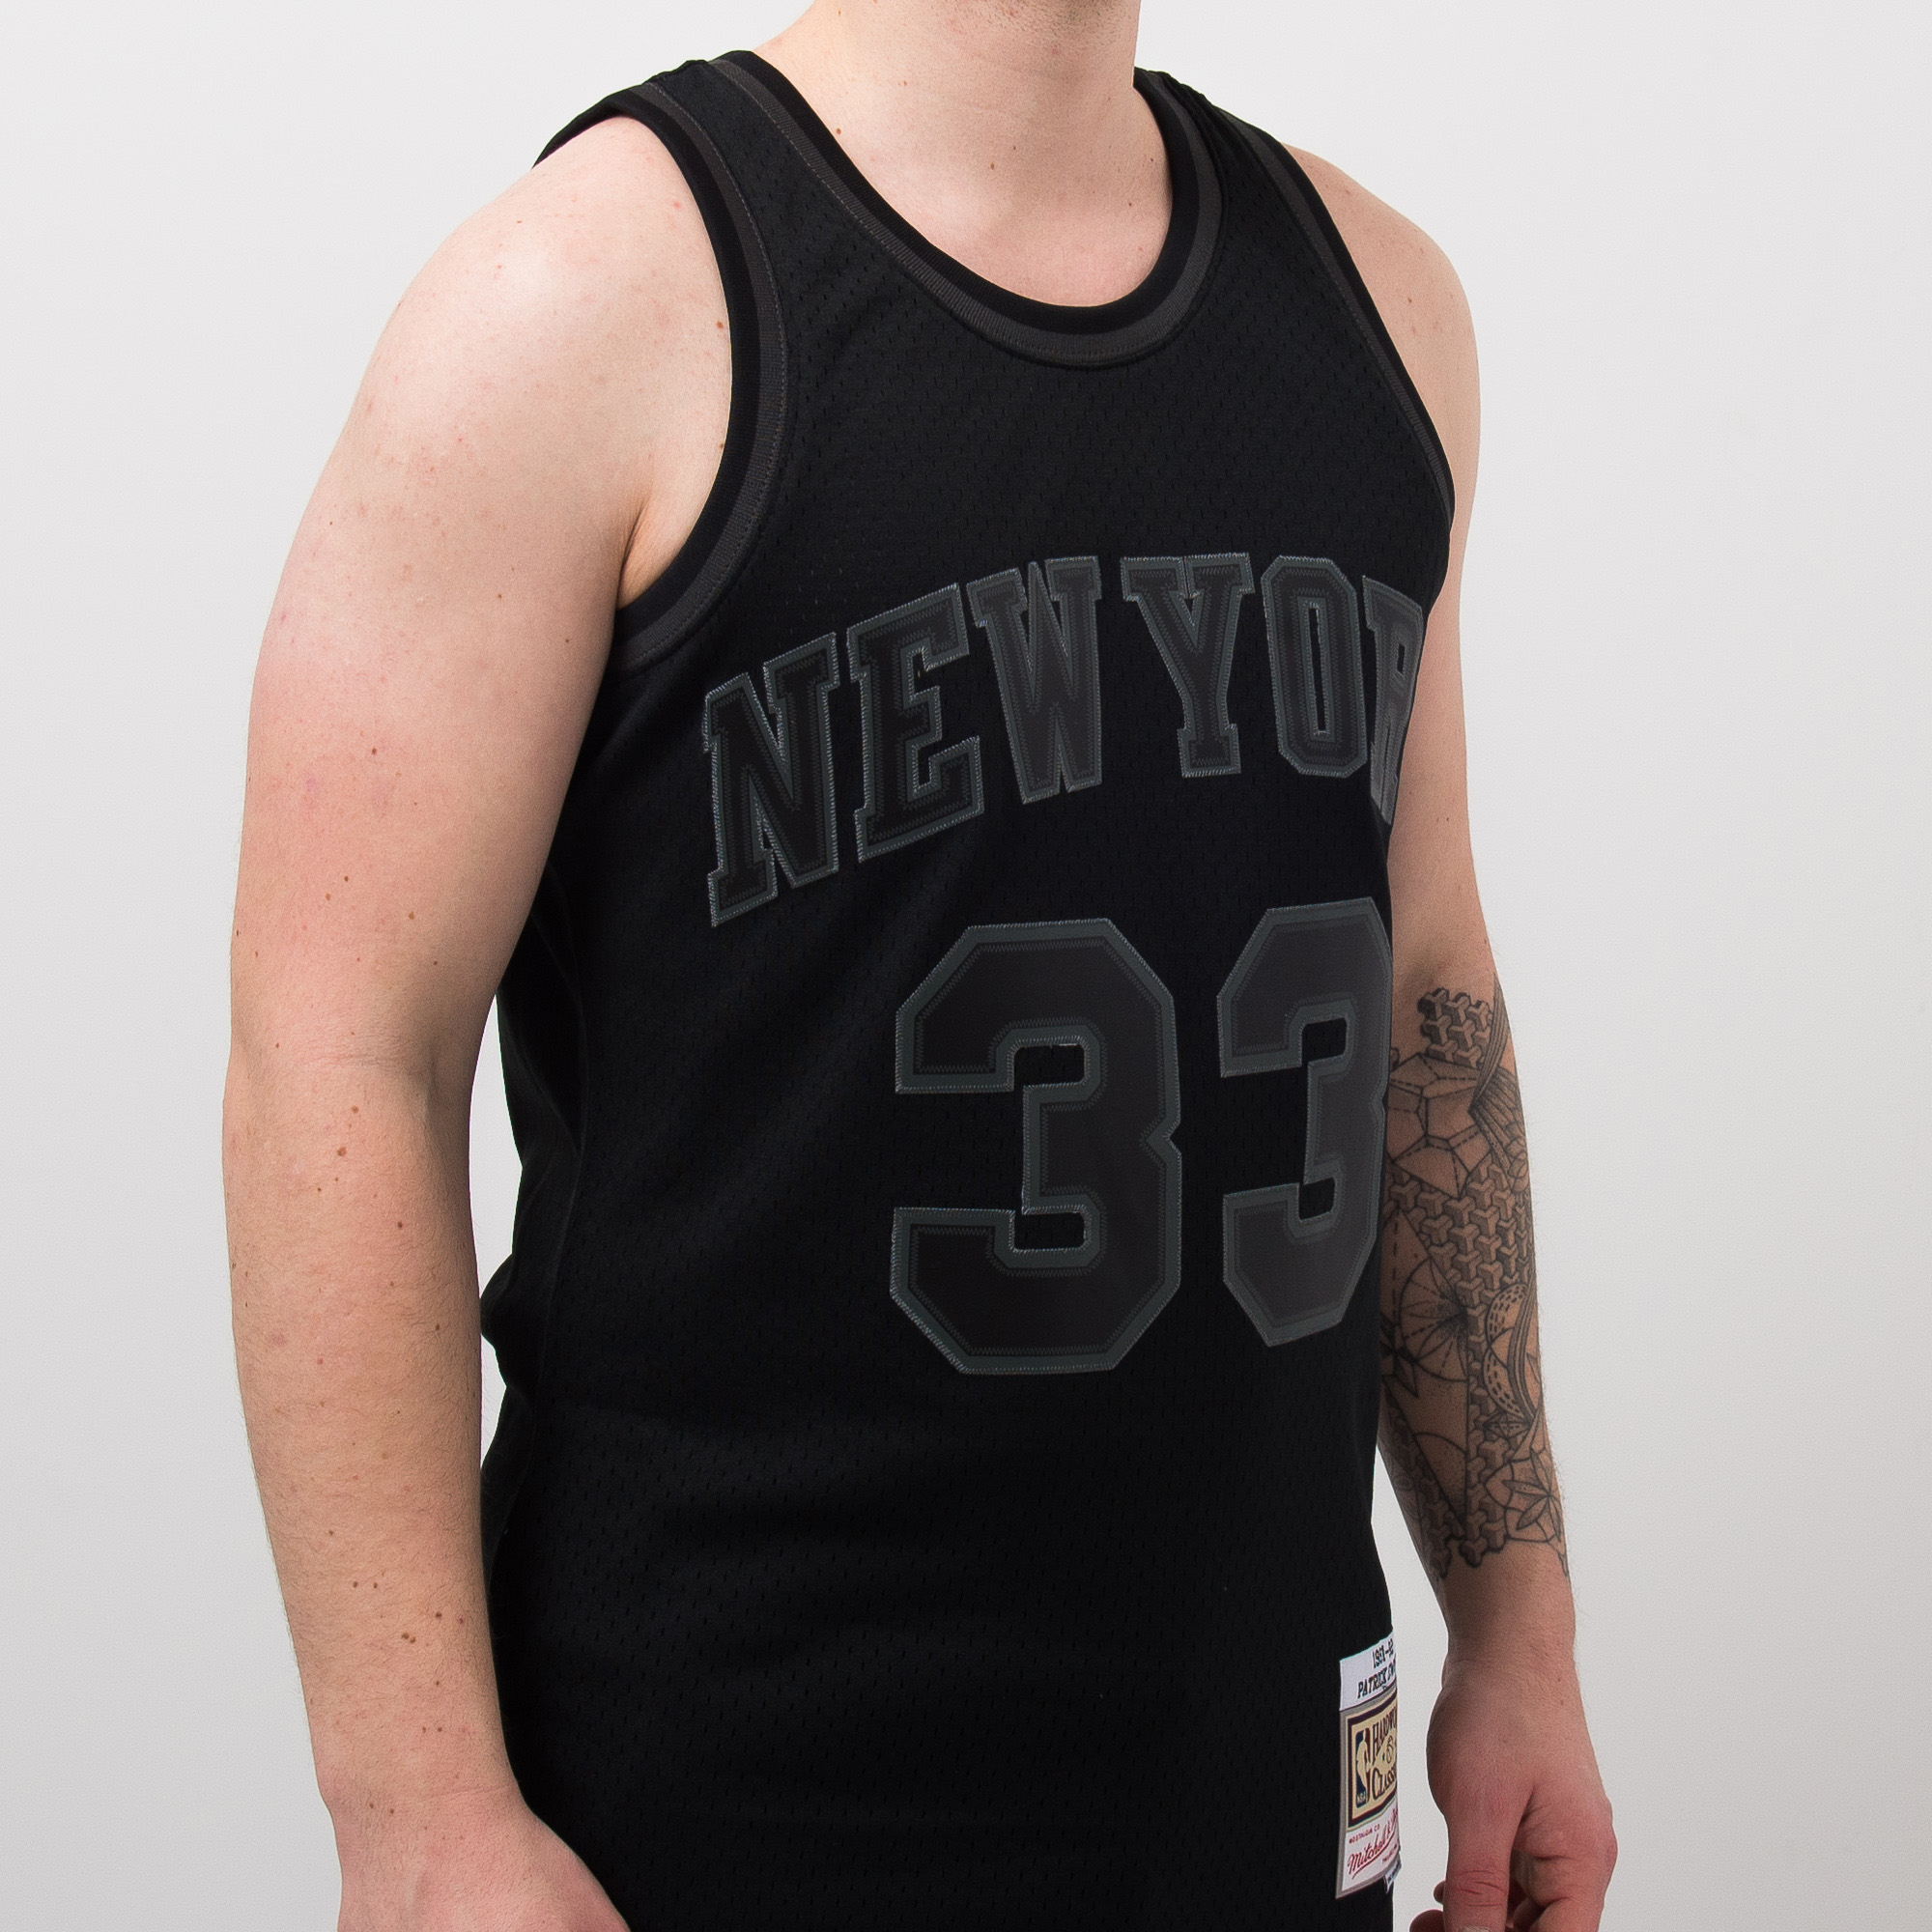 online retailer d387c 5e44e Mitchell & Ness NBA New York Knicks Patrick Ewing 33 ...